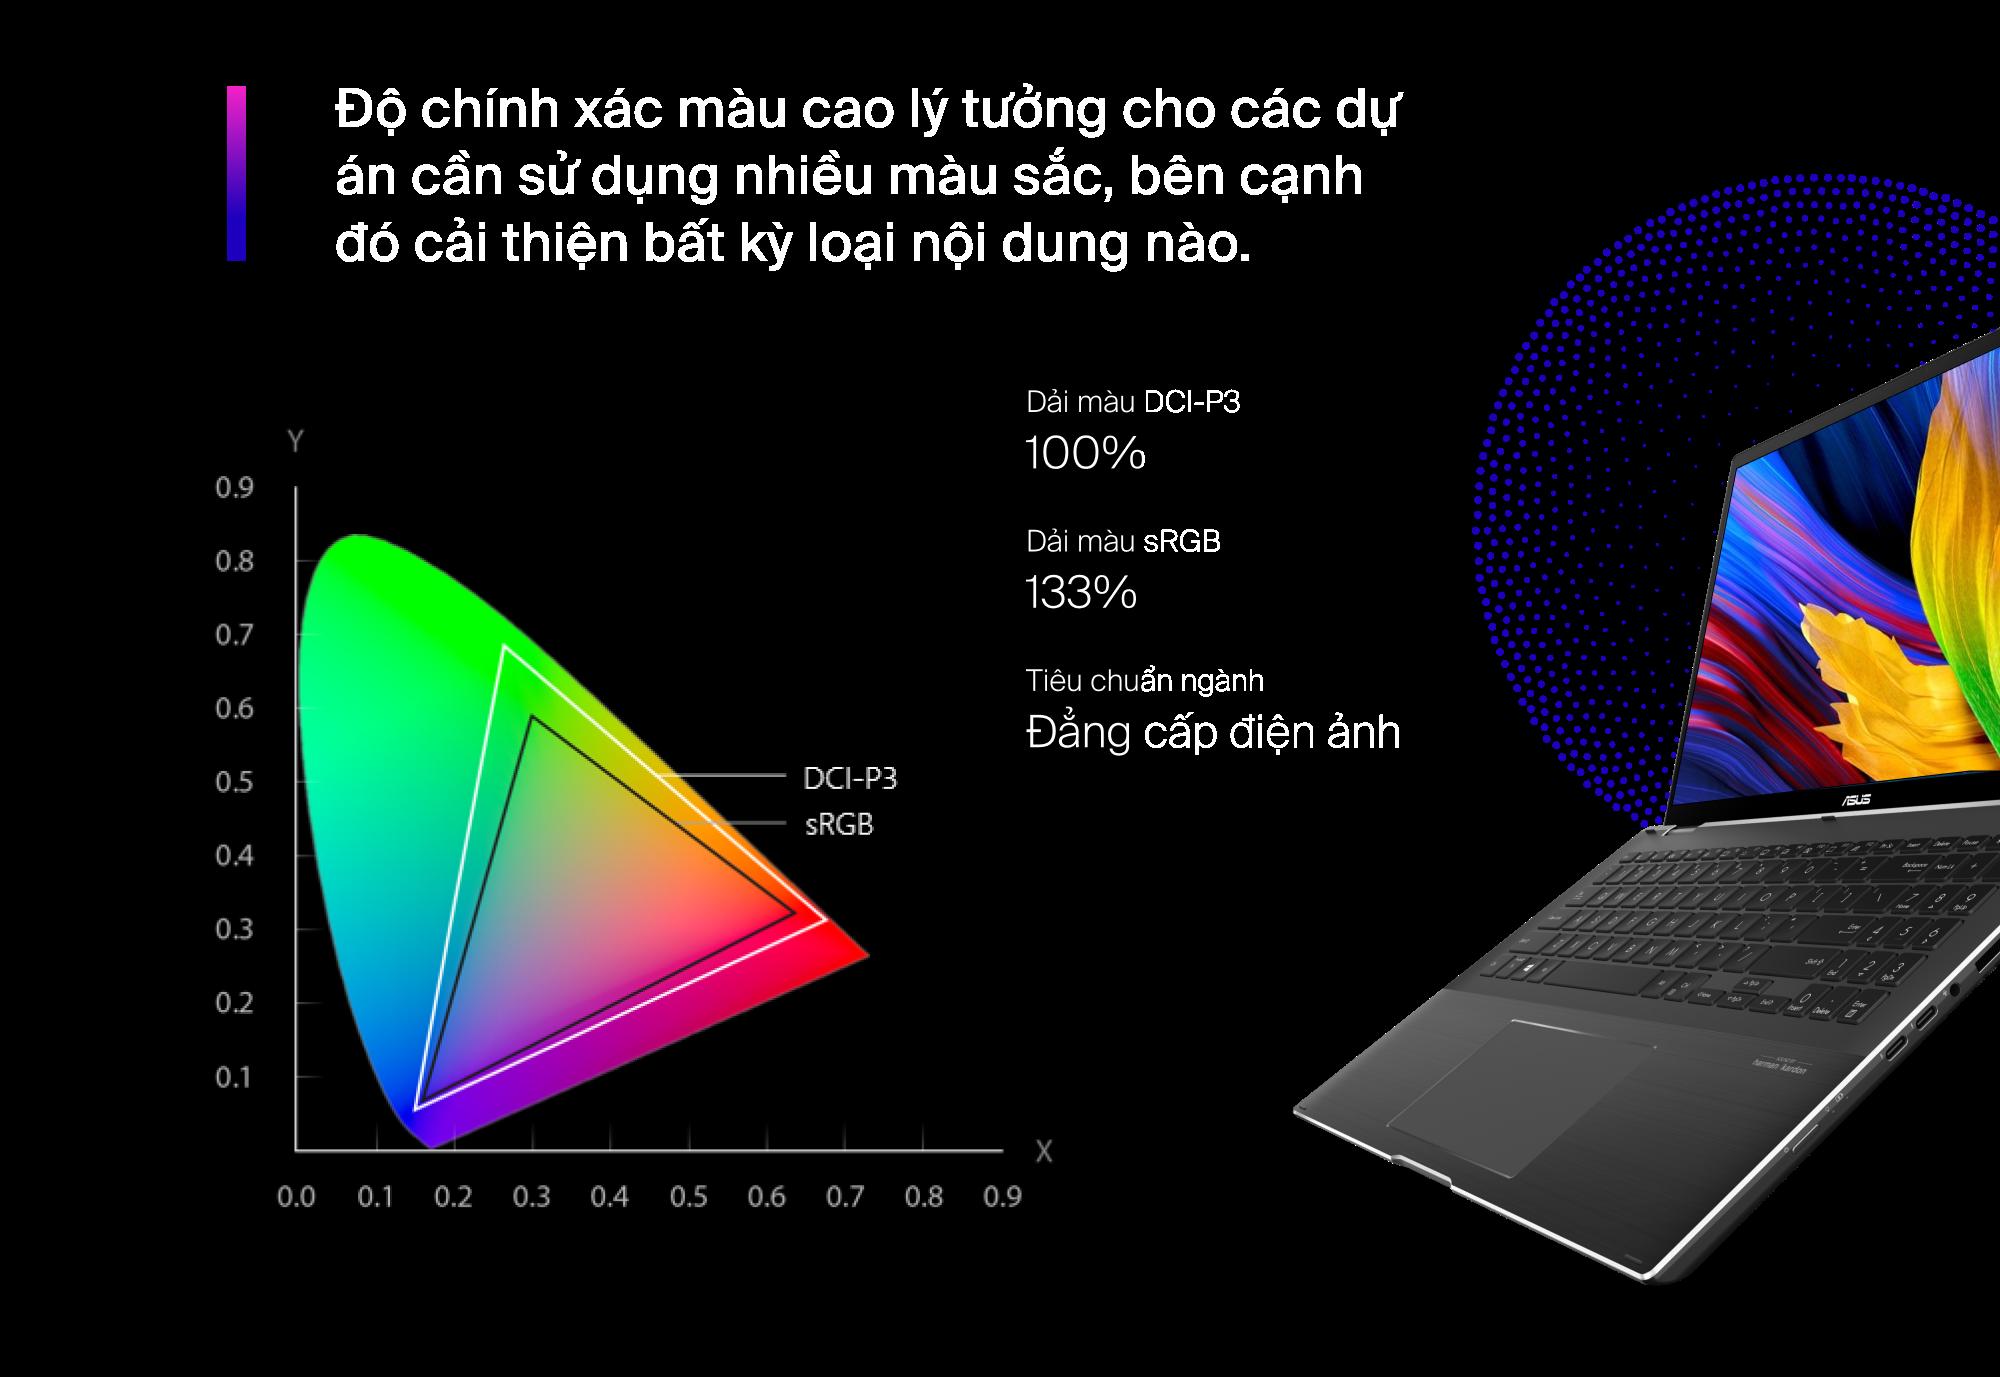 Phải trải nghiệm laptop OLED để biết cả một thế giới mới đang chờ đón bạn - Ảnh 8.